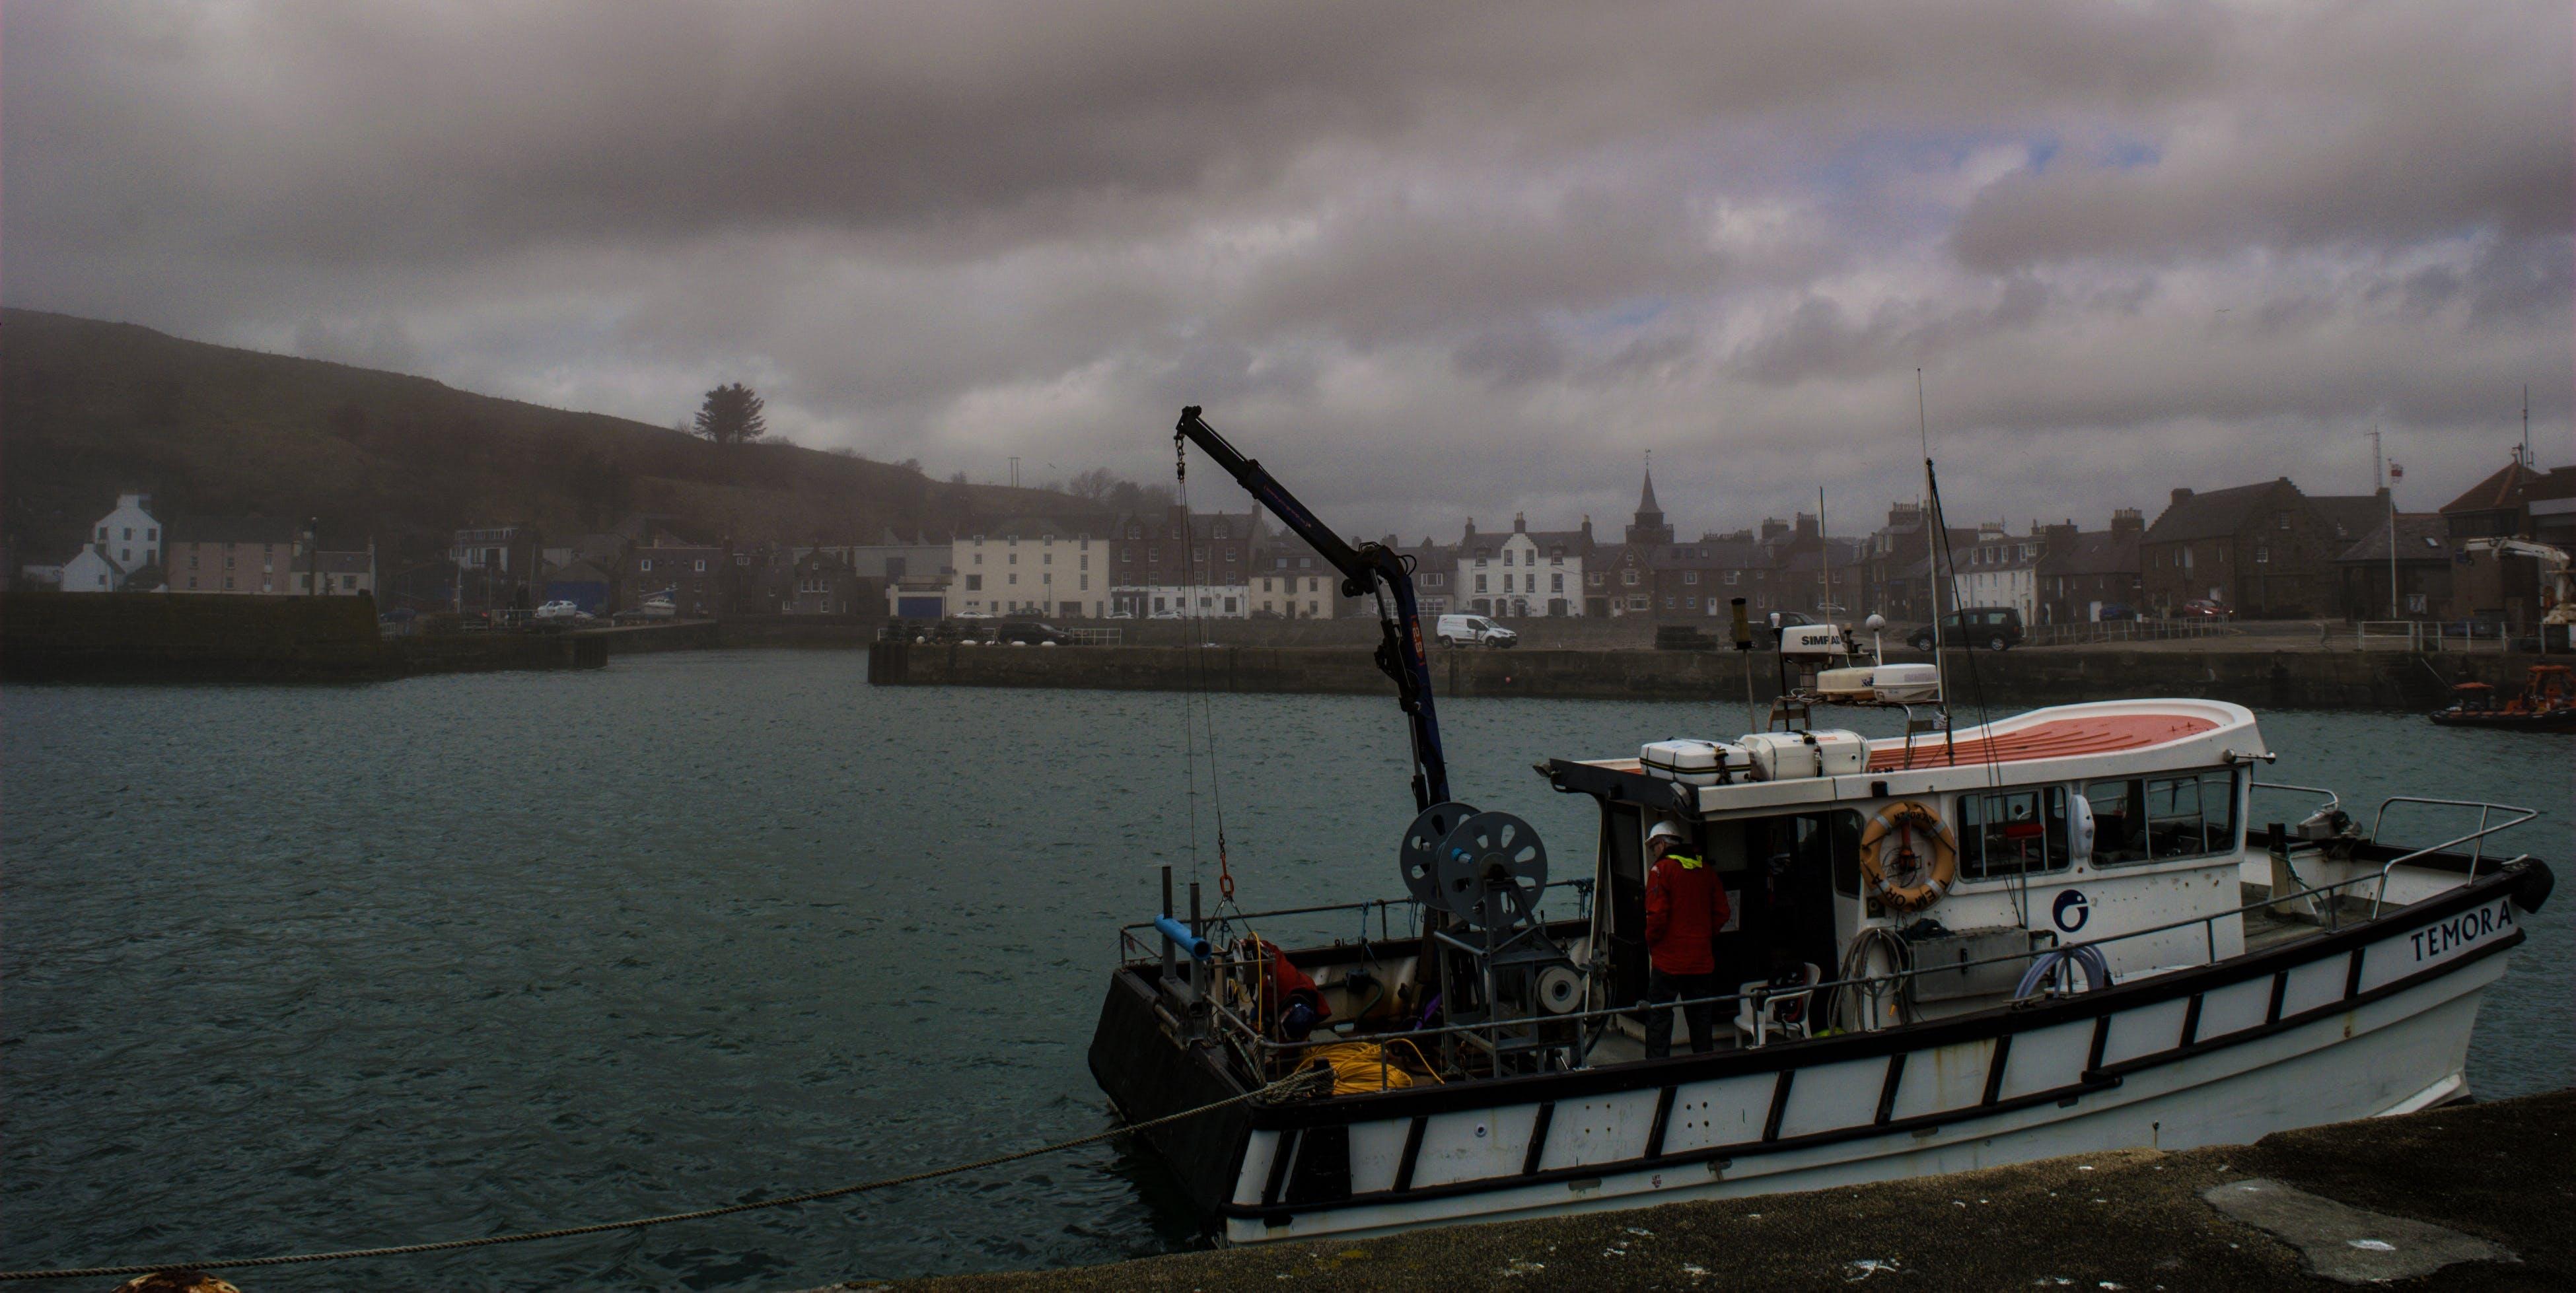 多雲的, 有霧, 海港, 漁船 的 免费素材照片